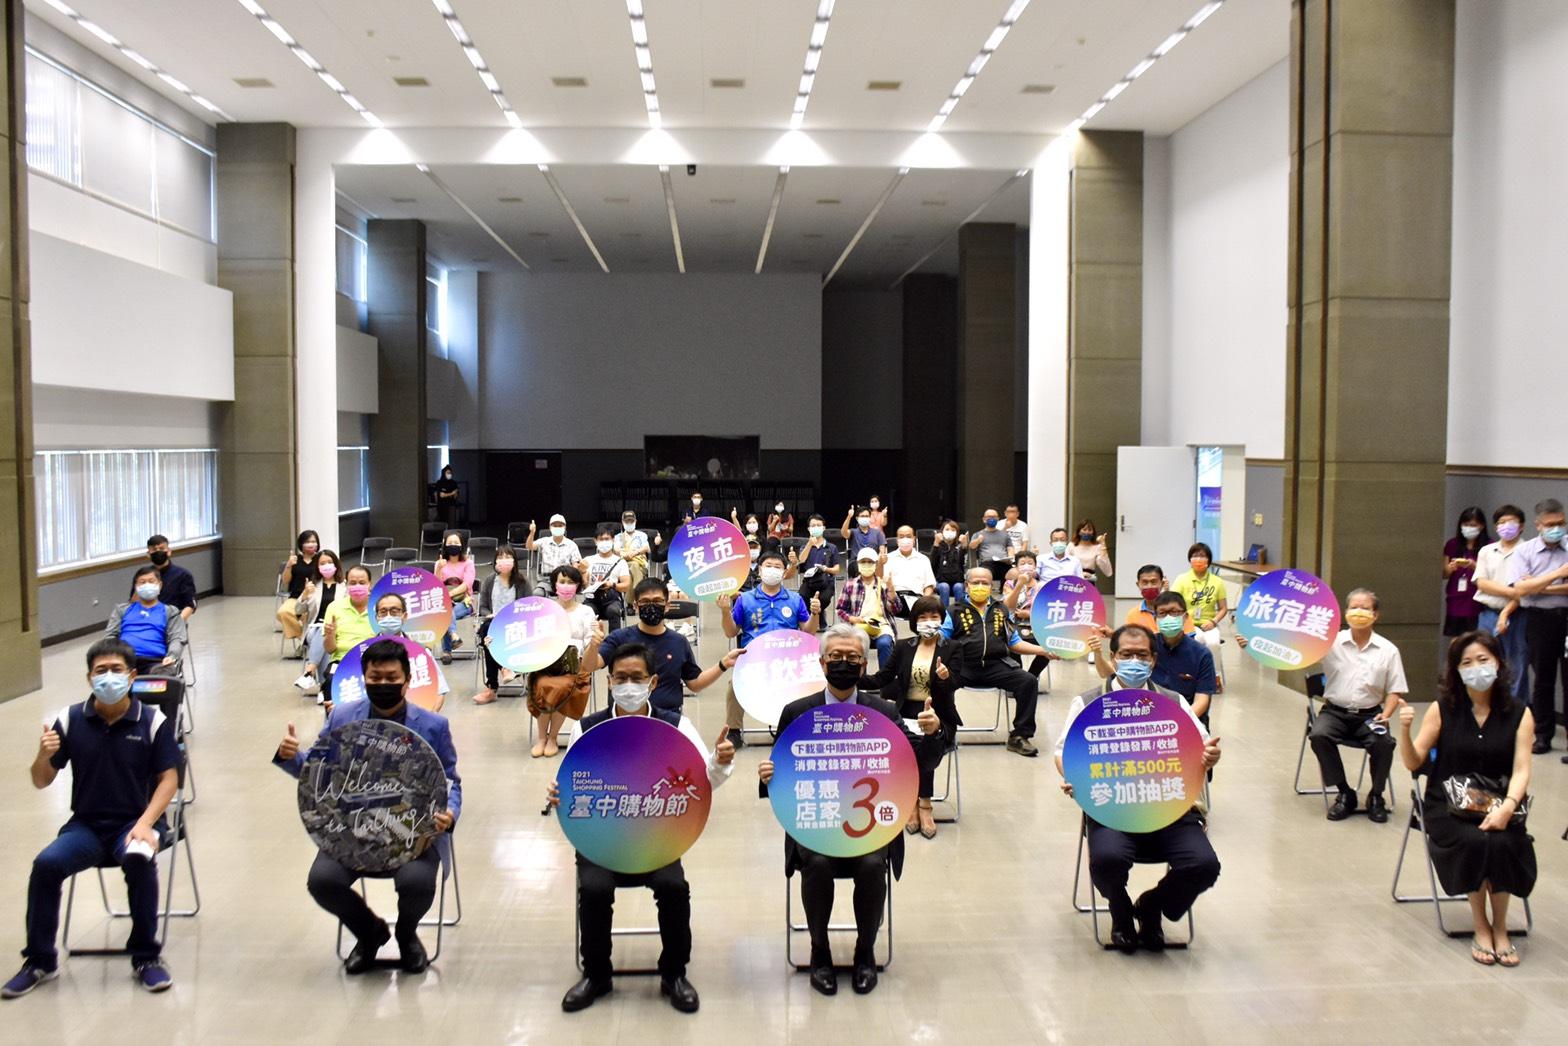 臺中購物節招5萬商家  瞄準千億振興券商機